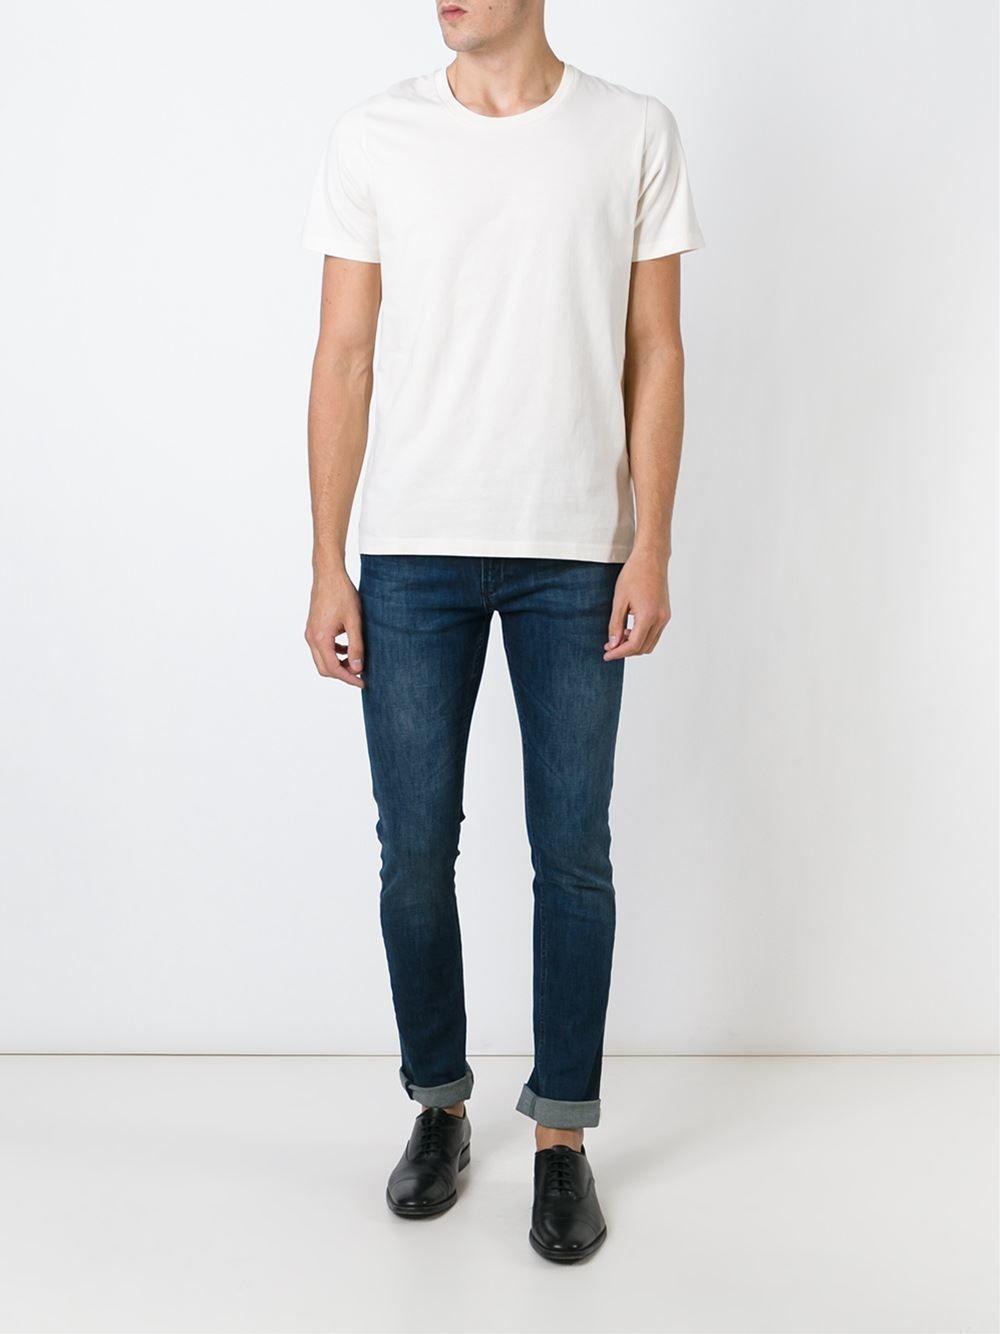 MAISON MARGIELA /// メゾンマルジェラ T-Shirts 3Pcs Set Tシャツ3枚セット WHT (白)